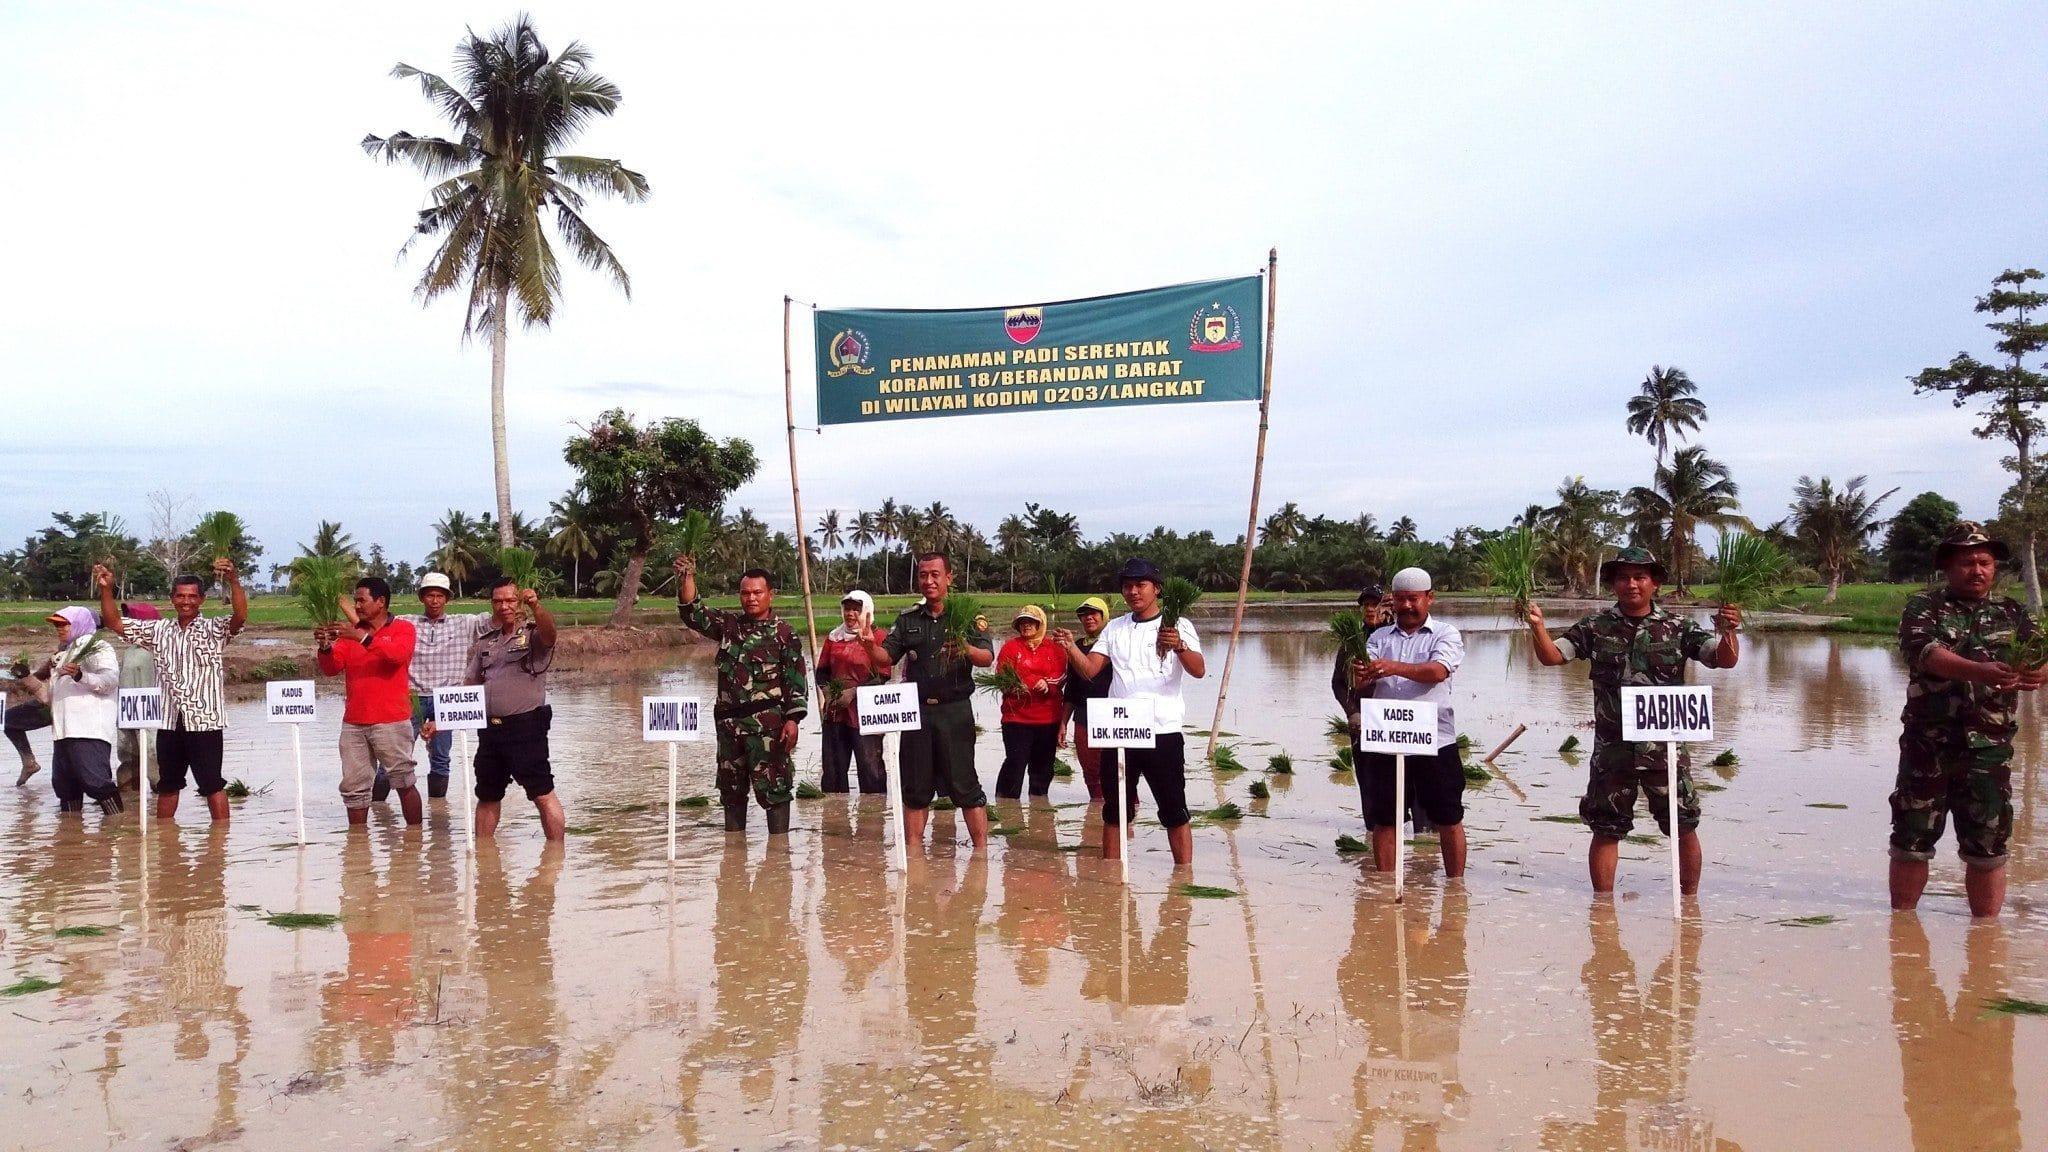 Musim Hujan Dimanfaatkan Tanam Padi Serentak Di Wilayah Koramil 18 Brandan Barat Kodim 0203/Lkt